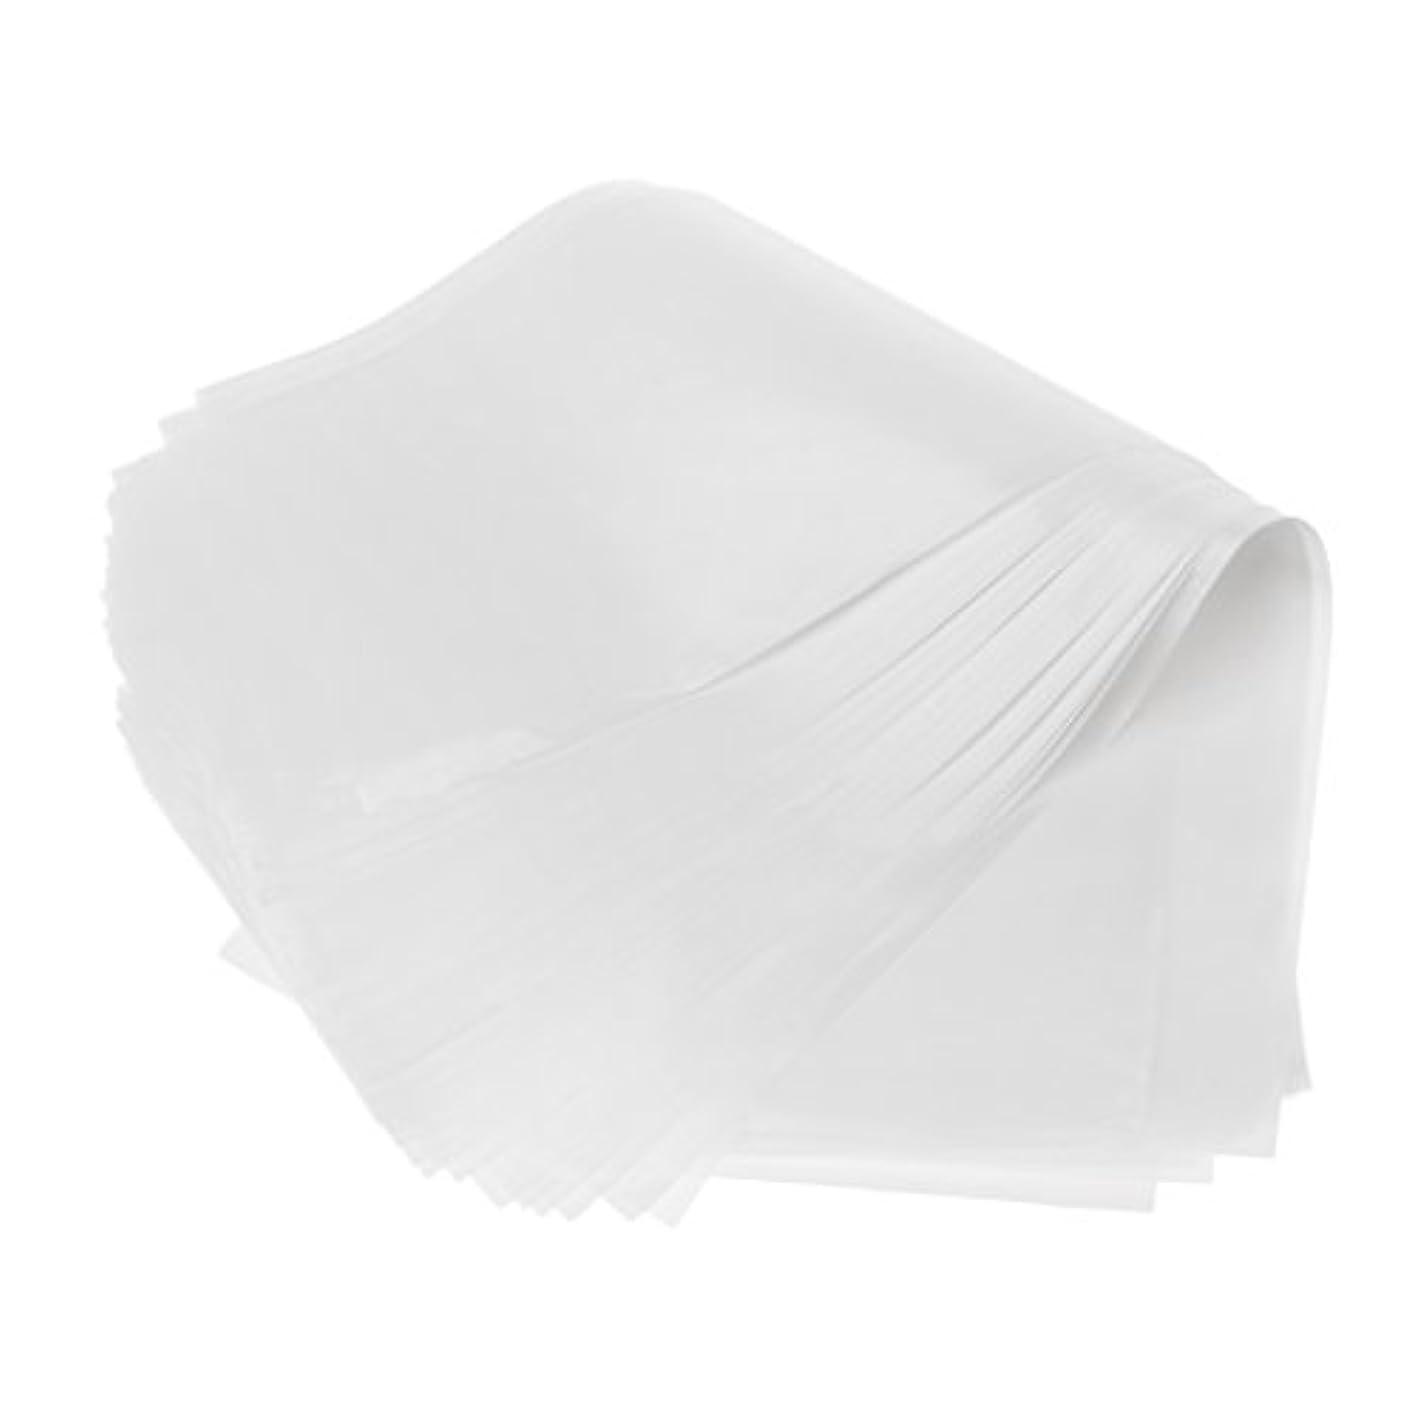 スタッフ強度コカイン毛染め ハイライトシート 分版用紙 毛染め紙 髪分け プラスチック製 ヘアケア 2タイプ選べ - ホワイト